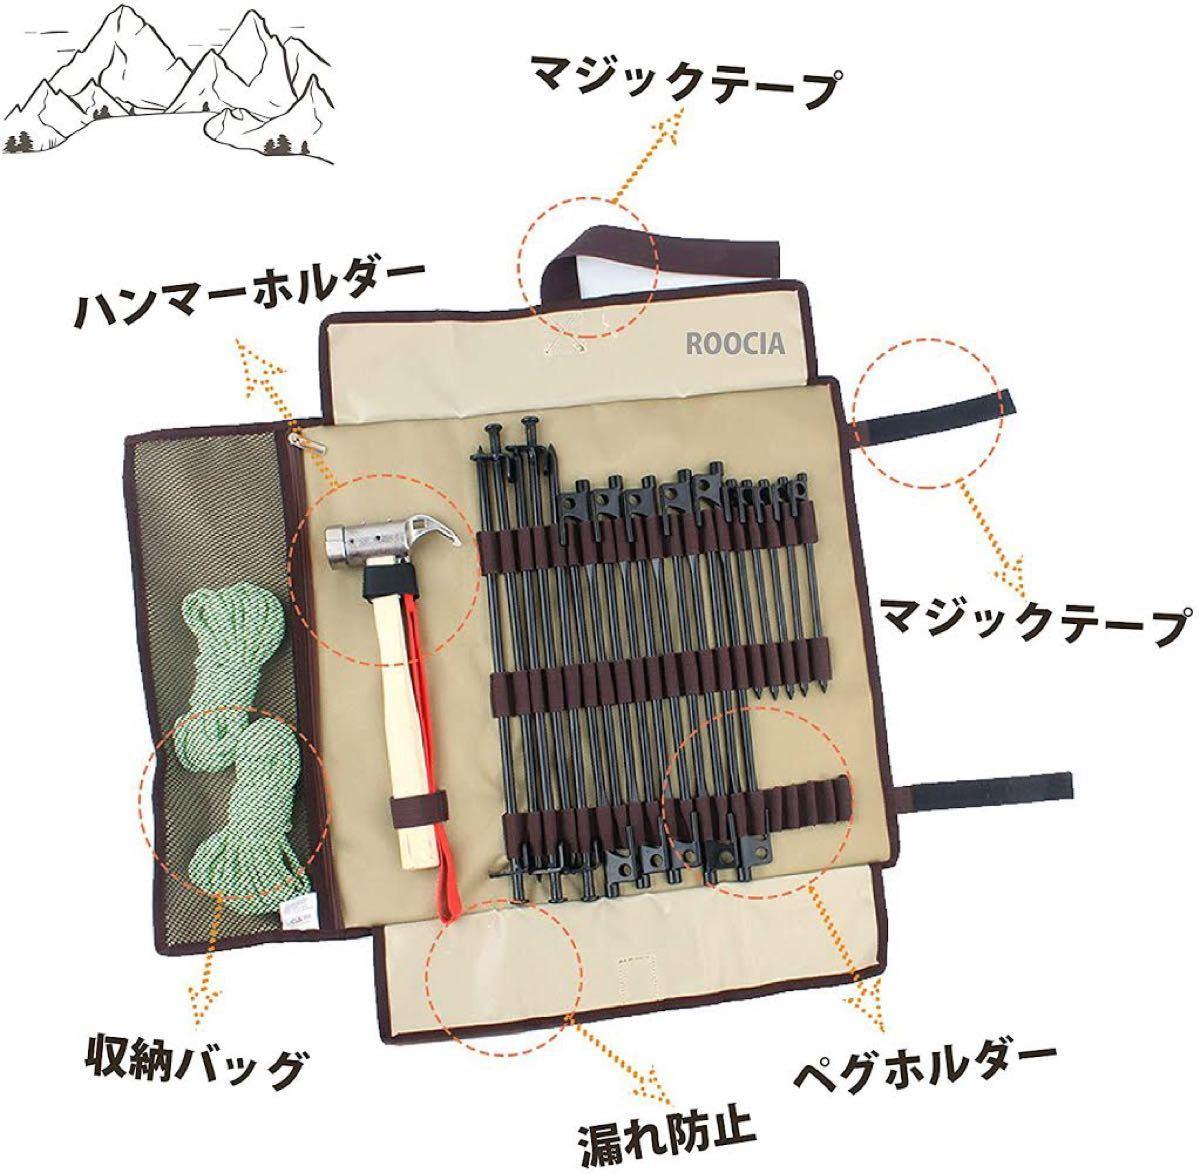 フルセット割引価格!ペグケース+ペグ+ハンマー付 収納 バッグ 登山 キャンプ用  スノーピーク snow peak ツールセット